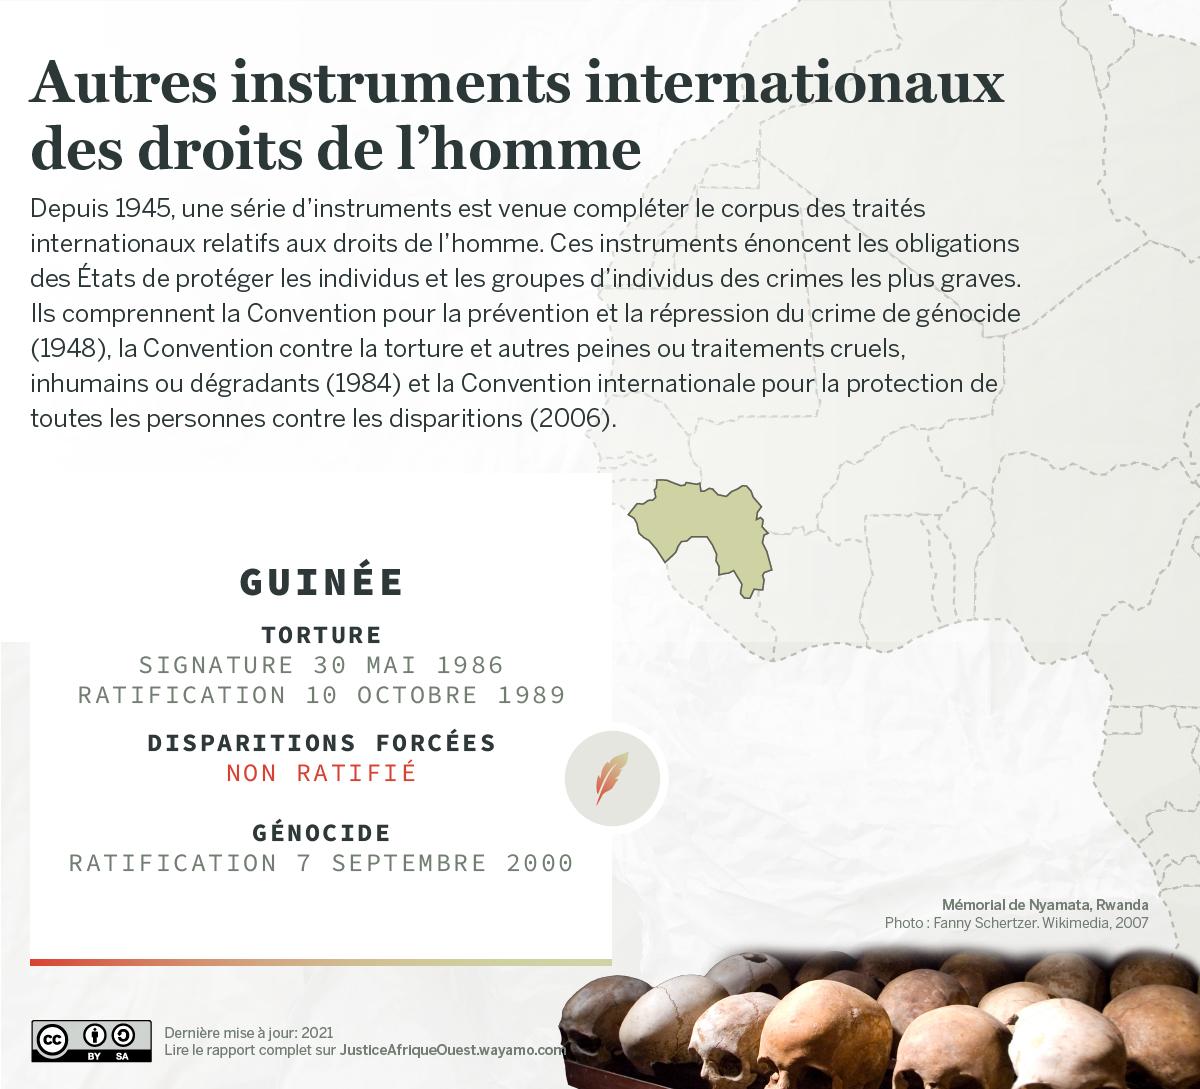 GUINEE_Droits de l'homme_1 - Wayamo Foundation (CC BY-SA 4.0)